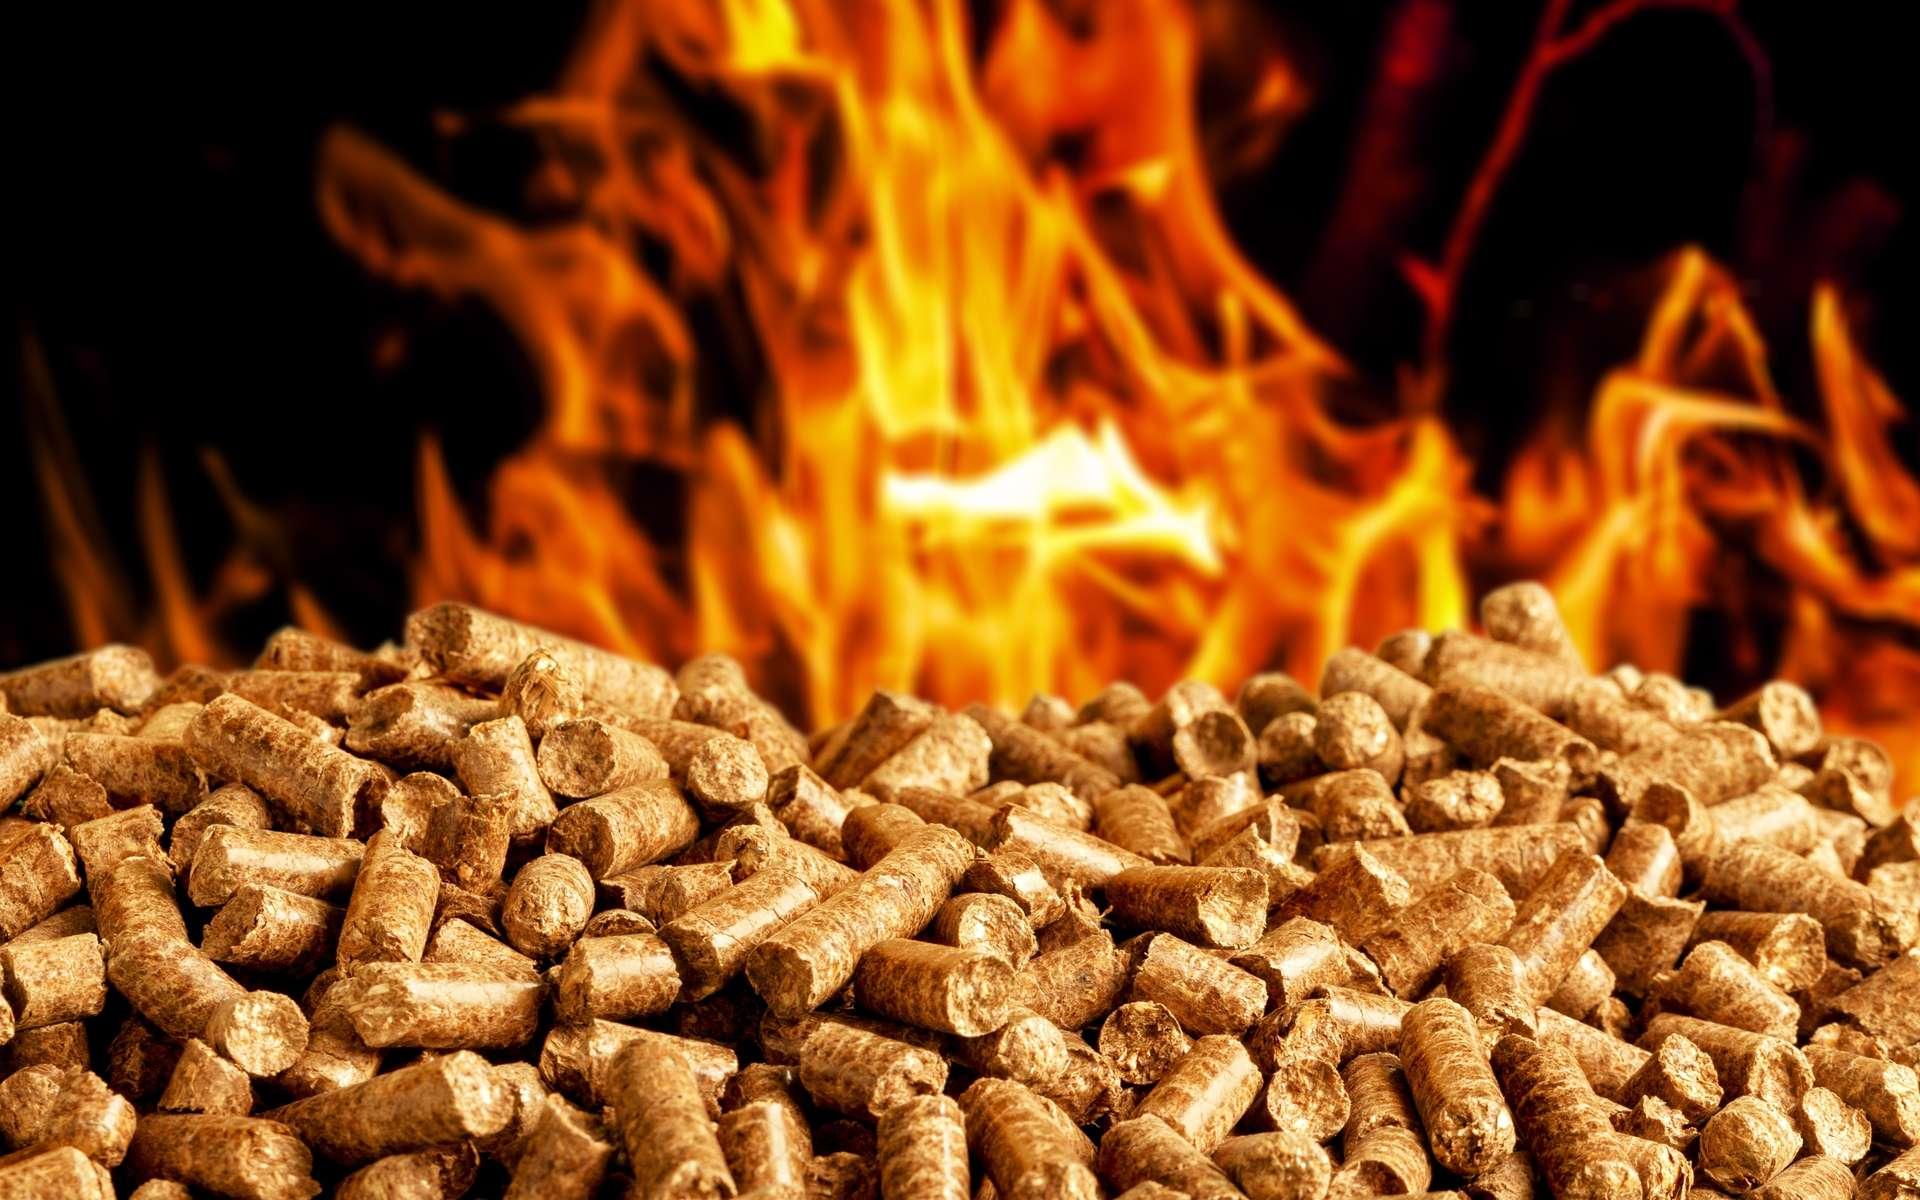 Le poêle est un appareil servant au chauffage de la maison. © BillionPhotos.com, Adobe Stock